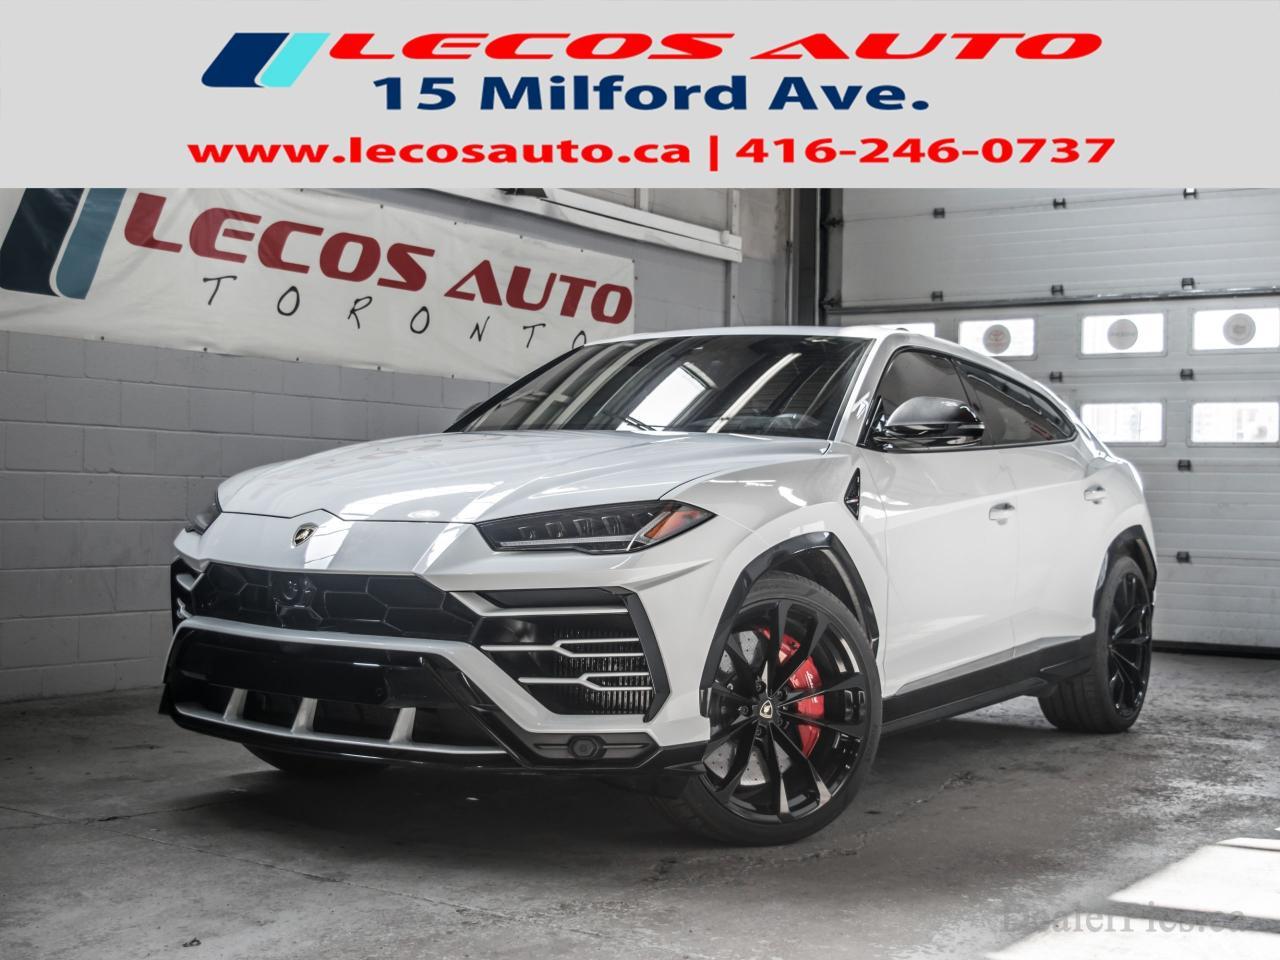 Used 2019 Lamborghini Urus For Sale In North York Ontario Carpages Ca